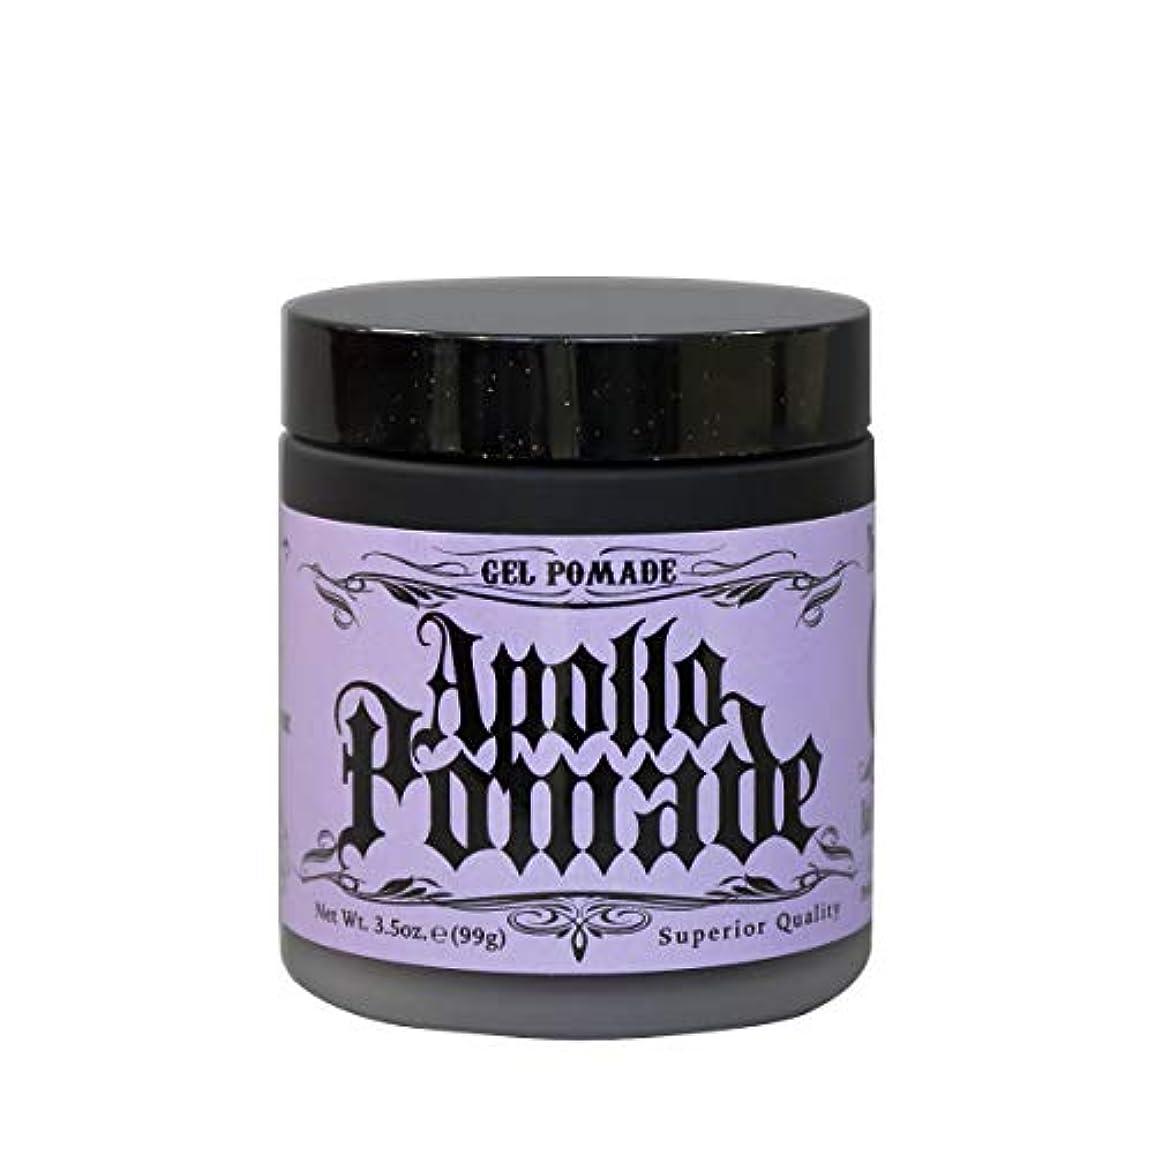 モジュールコンテンツ崖ポマード メンズ Apollo Pamade (アポロポマード ジェルポム 水性 ) 3.5oz(99g)